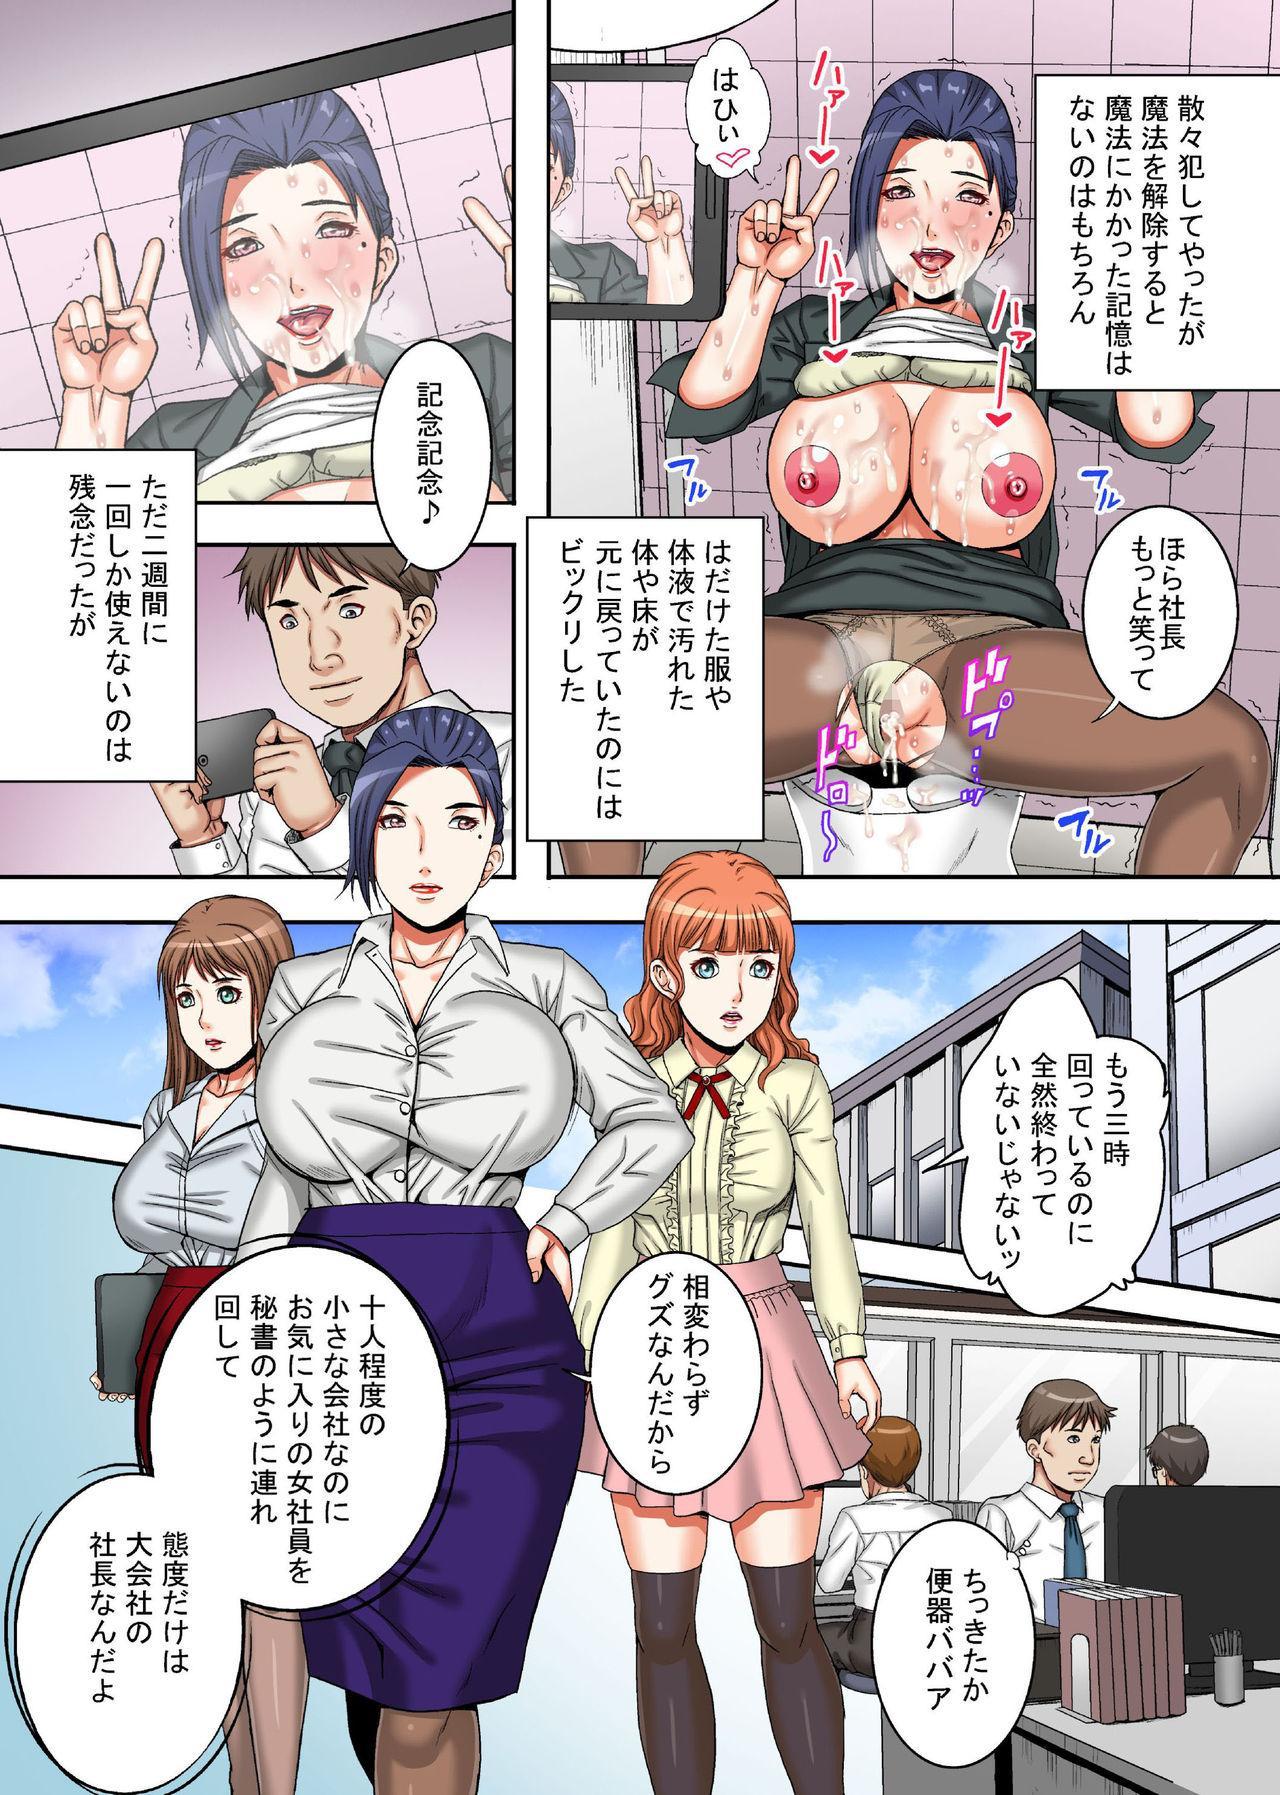 Takabisha Onna o Mahou no Yubiwa de Yarihoudai ~ Kyonyuu Onna Shachou mo, Bijin Hisho mo, Meikko-chan mo Minna Matomete Hamemakuru! 5